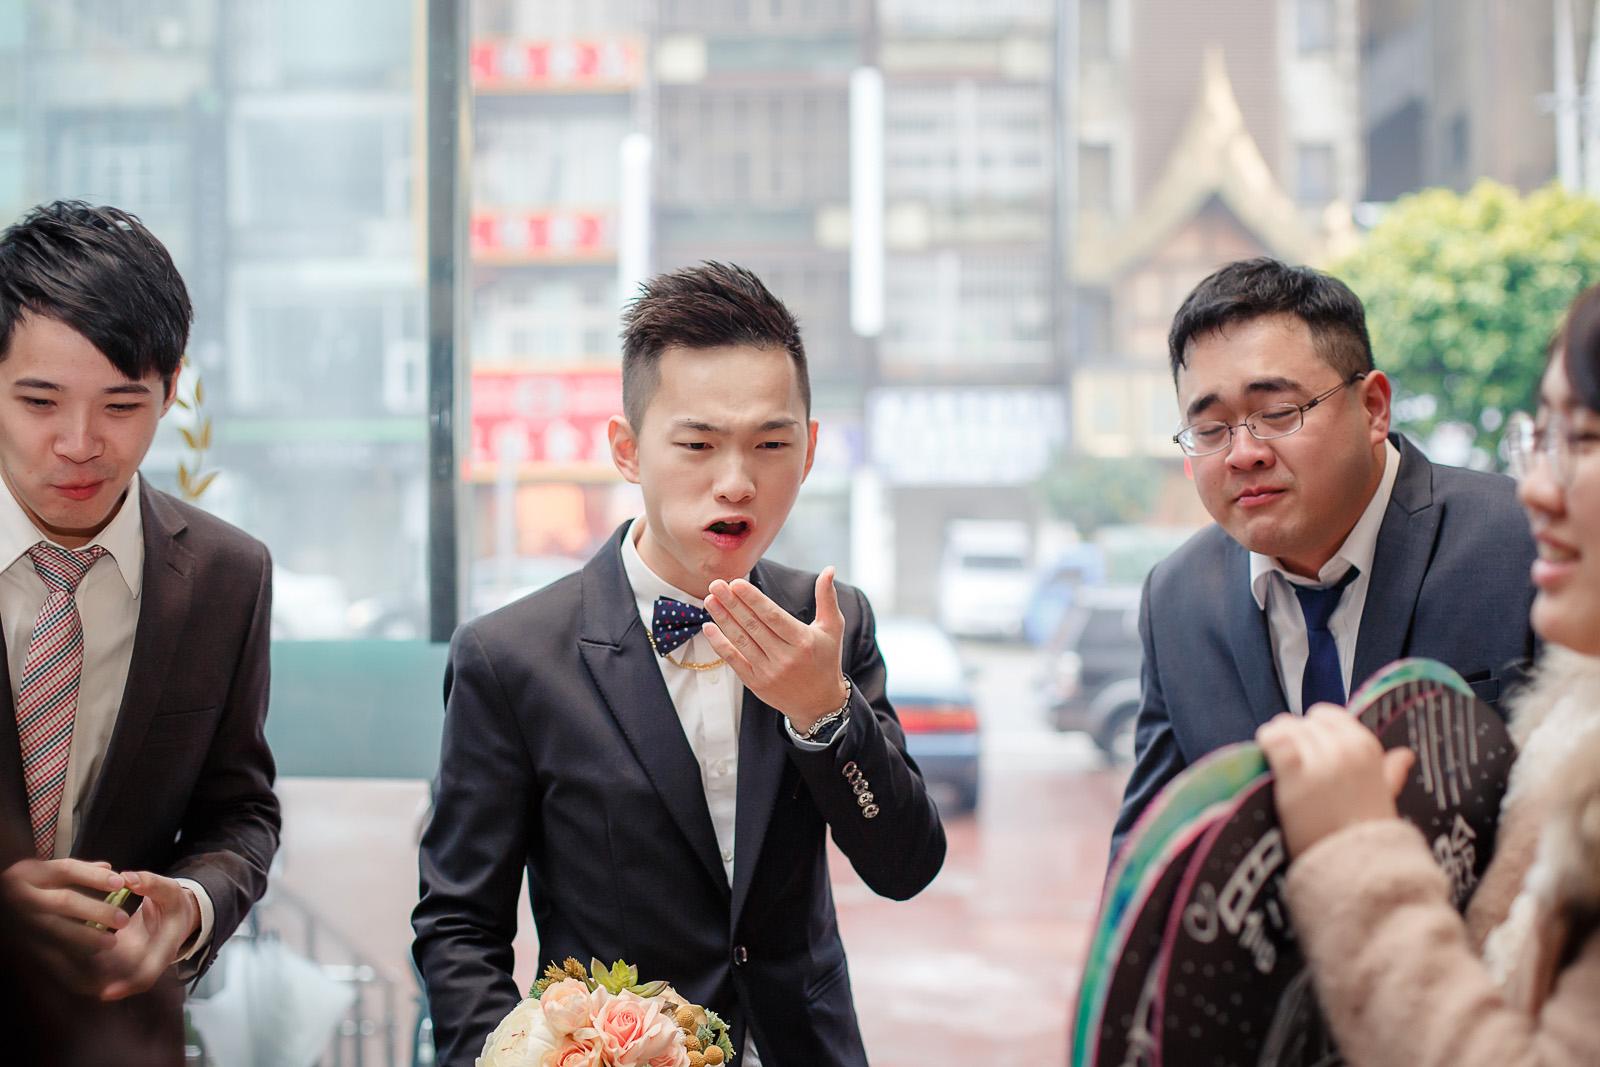 高雄圓山飯店,婚禮攝影,婚攝,高雄婚攝,優質婚攝推薦,Jen&Ethan-099